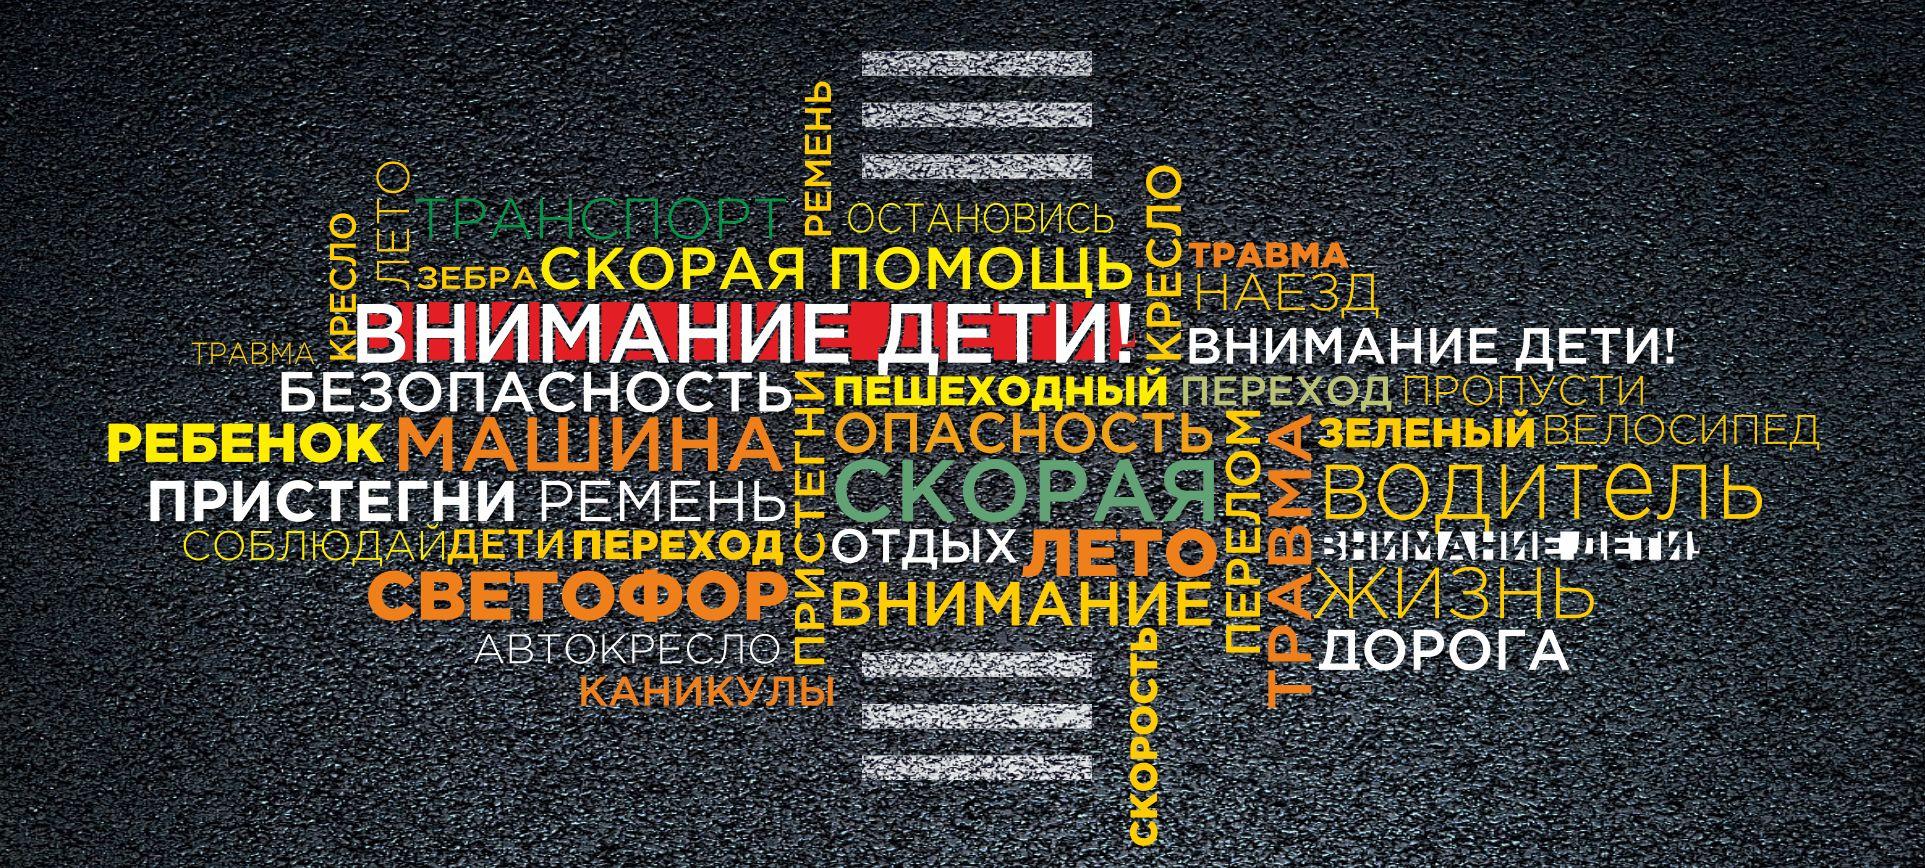 Ярославцев призывают быть особенно осторожными на дорогах во время школьных каникул